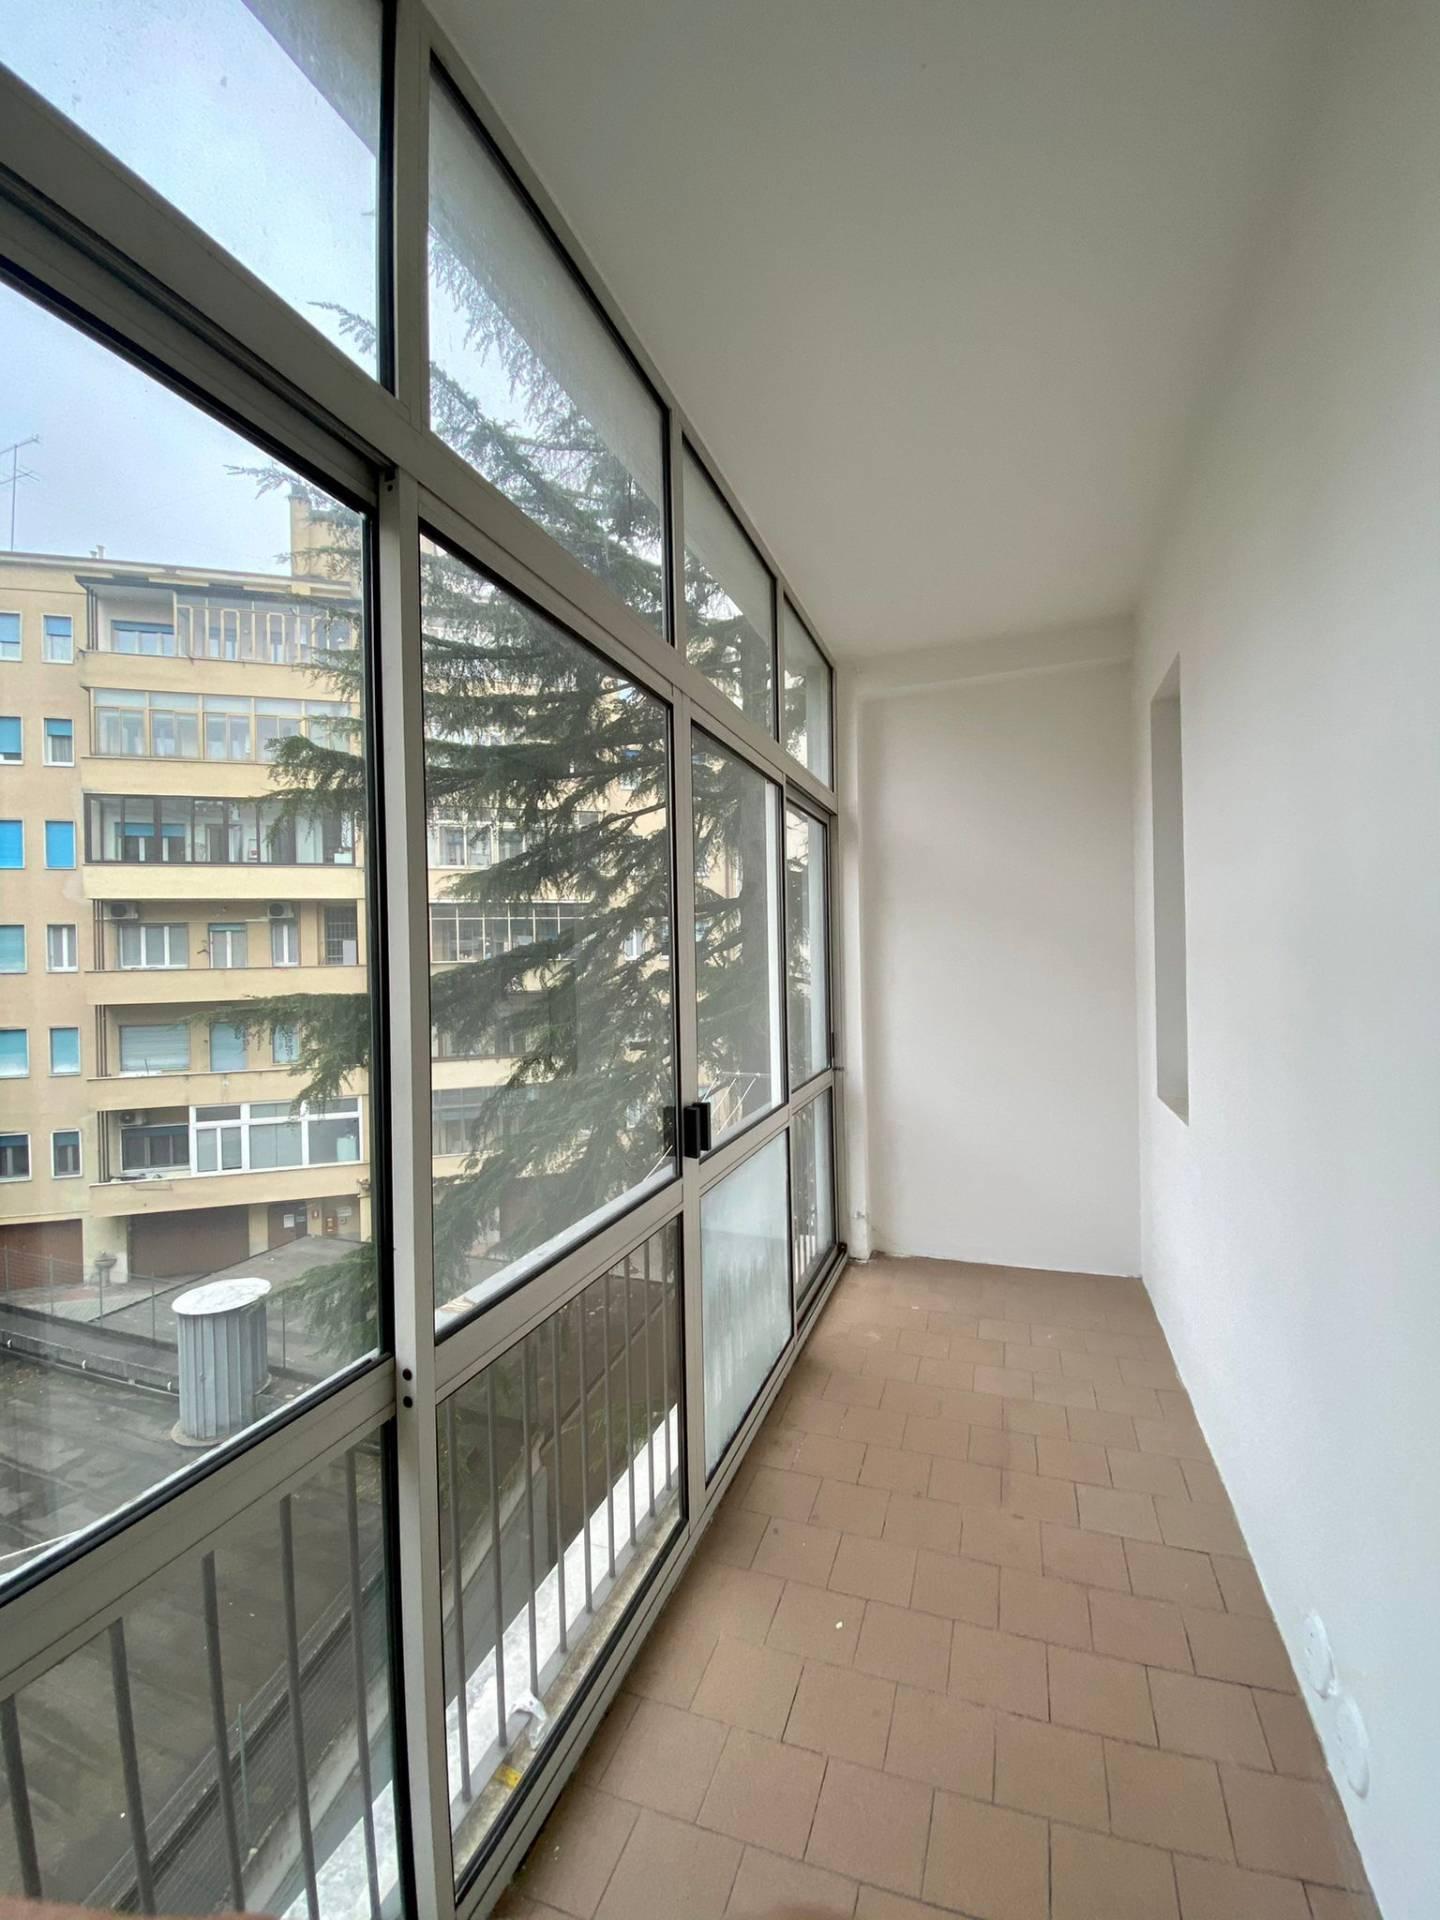 Vendita Quadrilocale Appartamento Mantova 205731